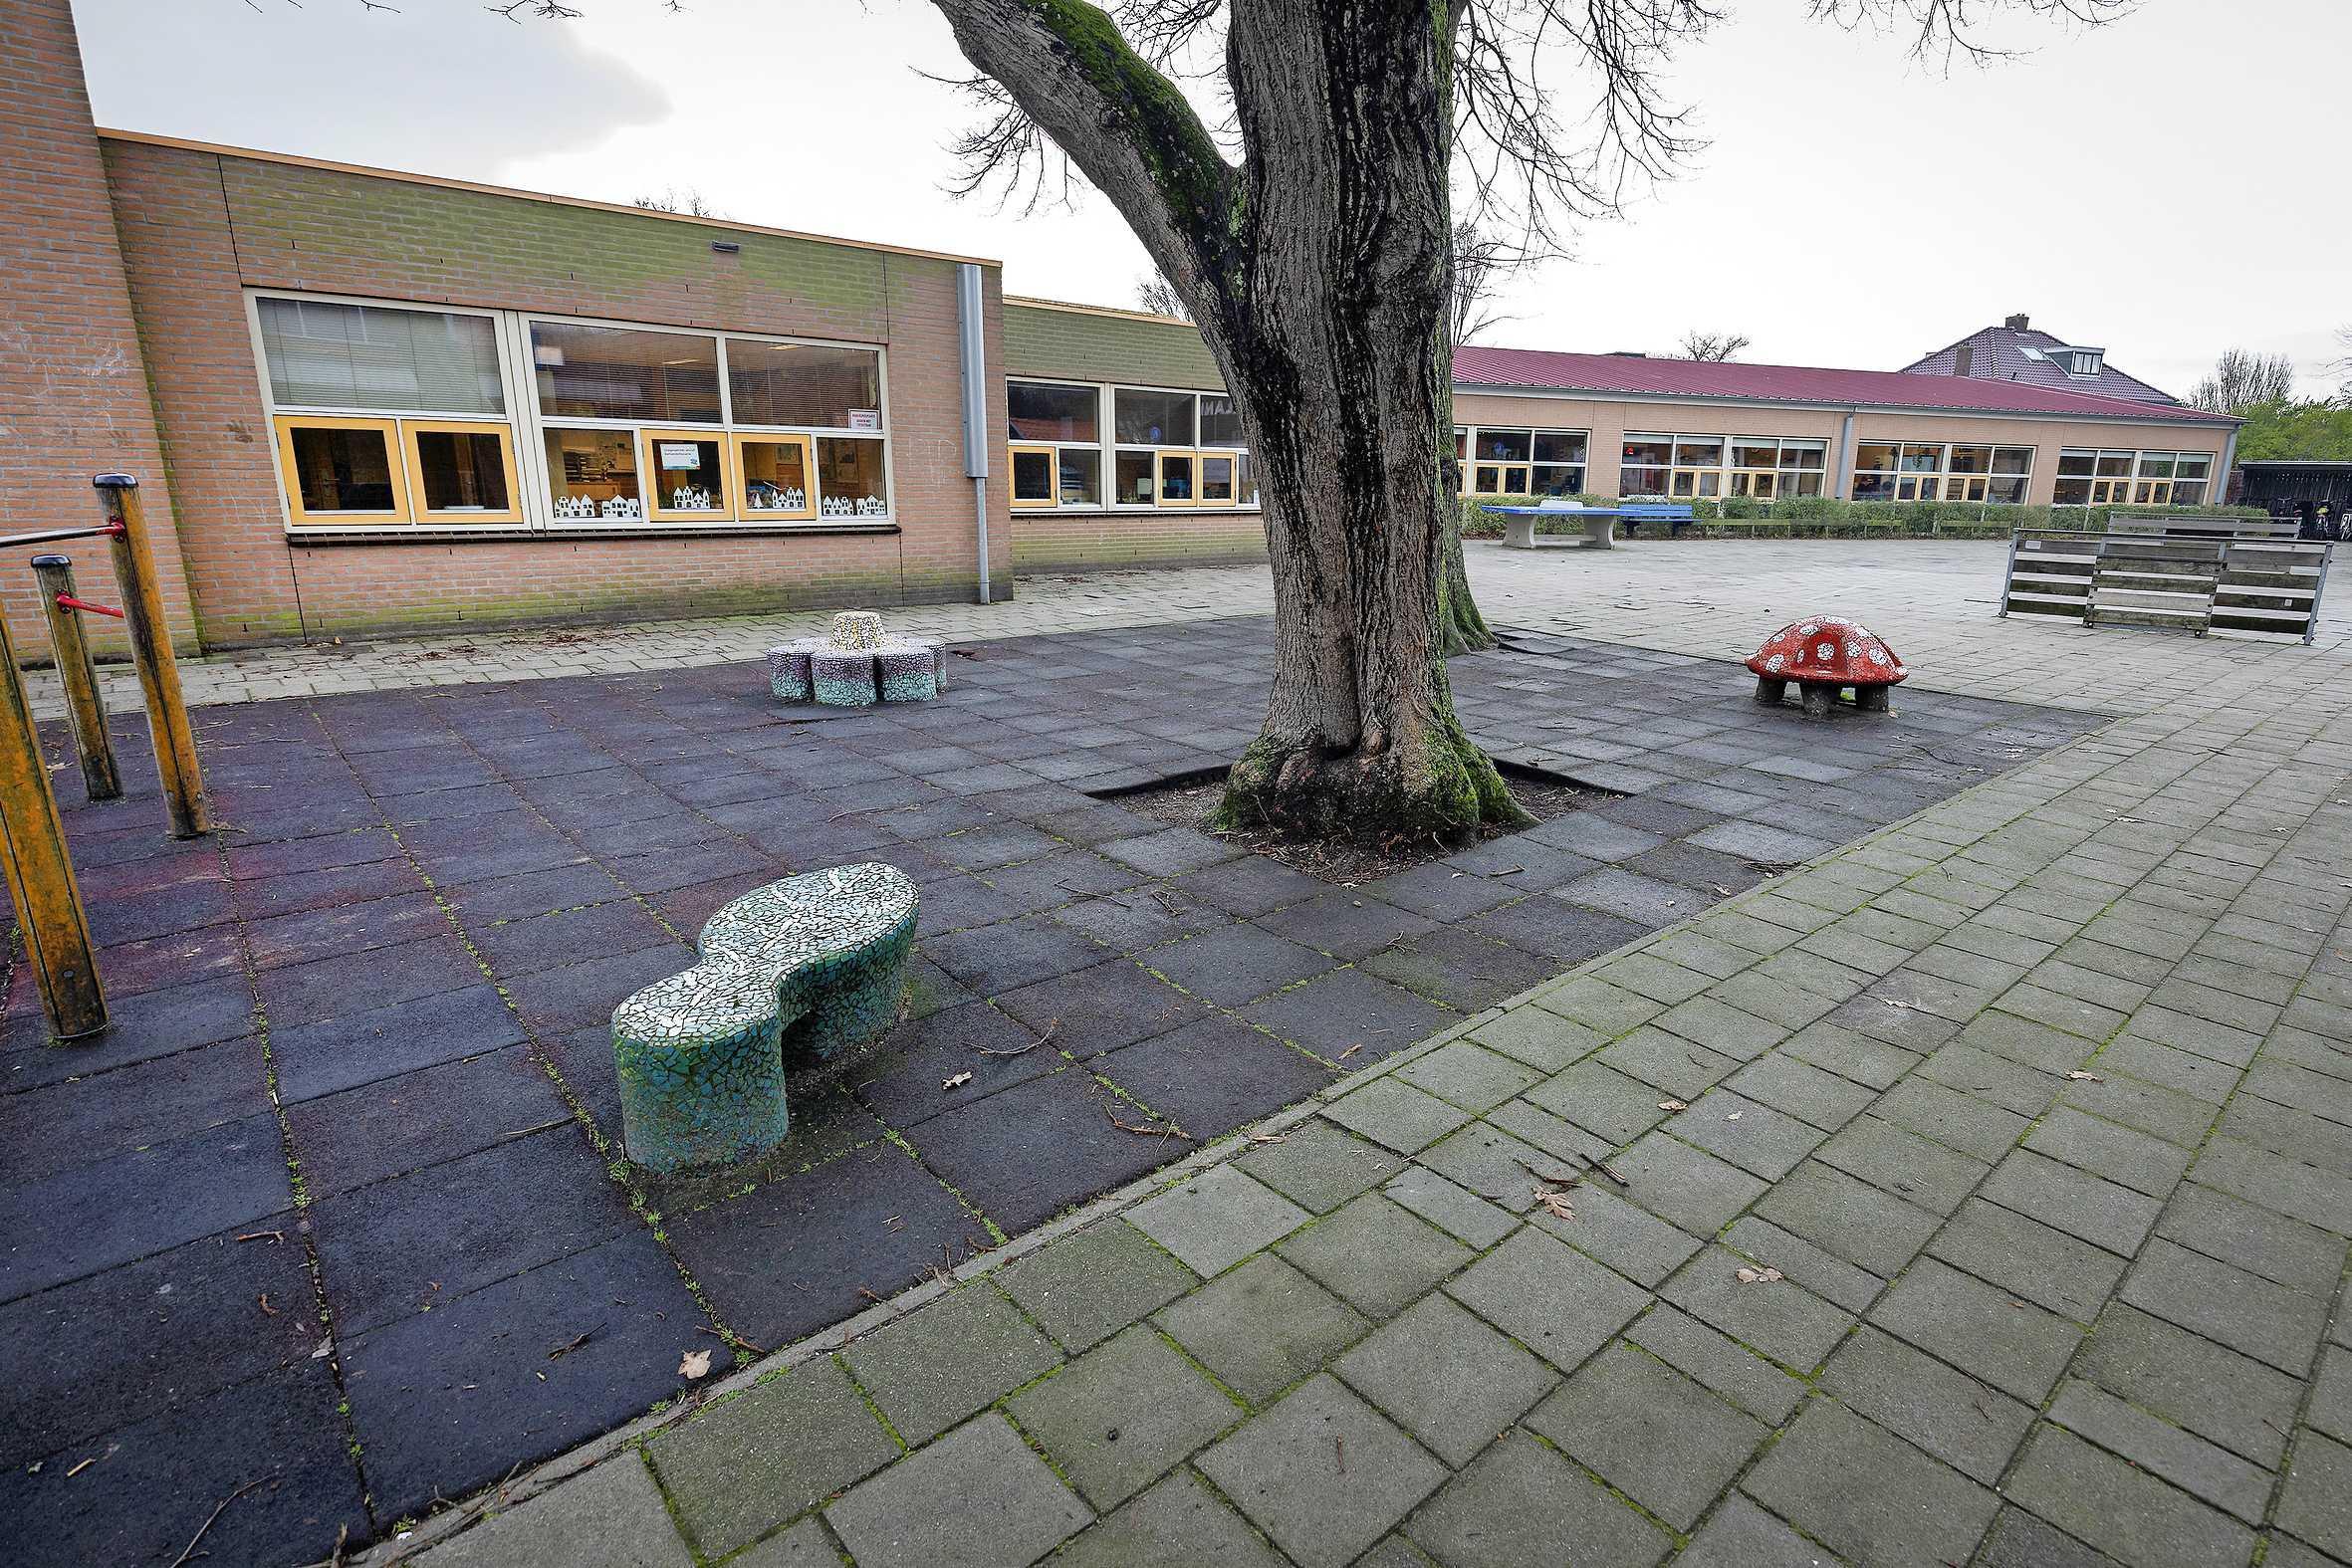 Tien basisscholen in Velsen willen nu een groen schoolplein: Pieter Vermeulen Museum helpt met een tienstappenplan en een werkboek